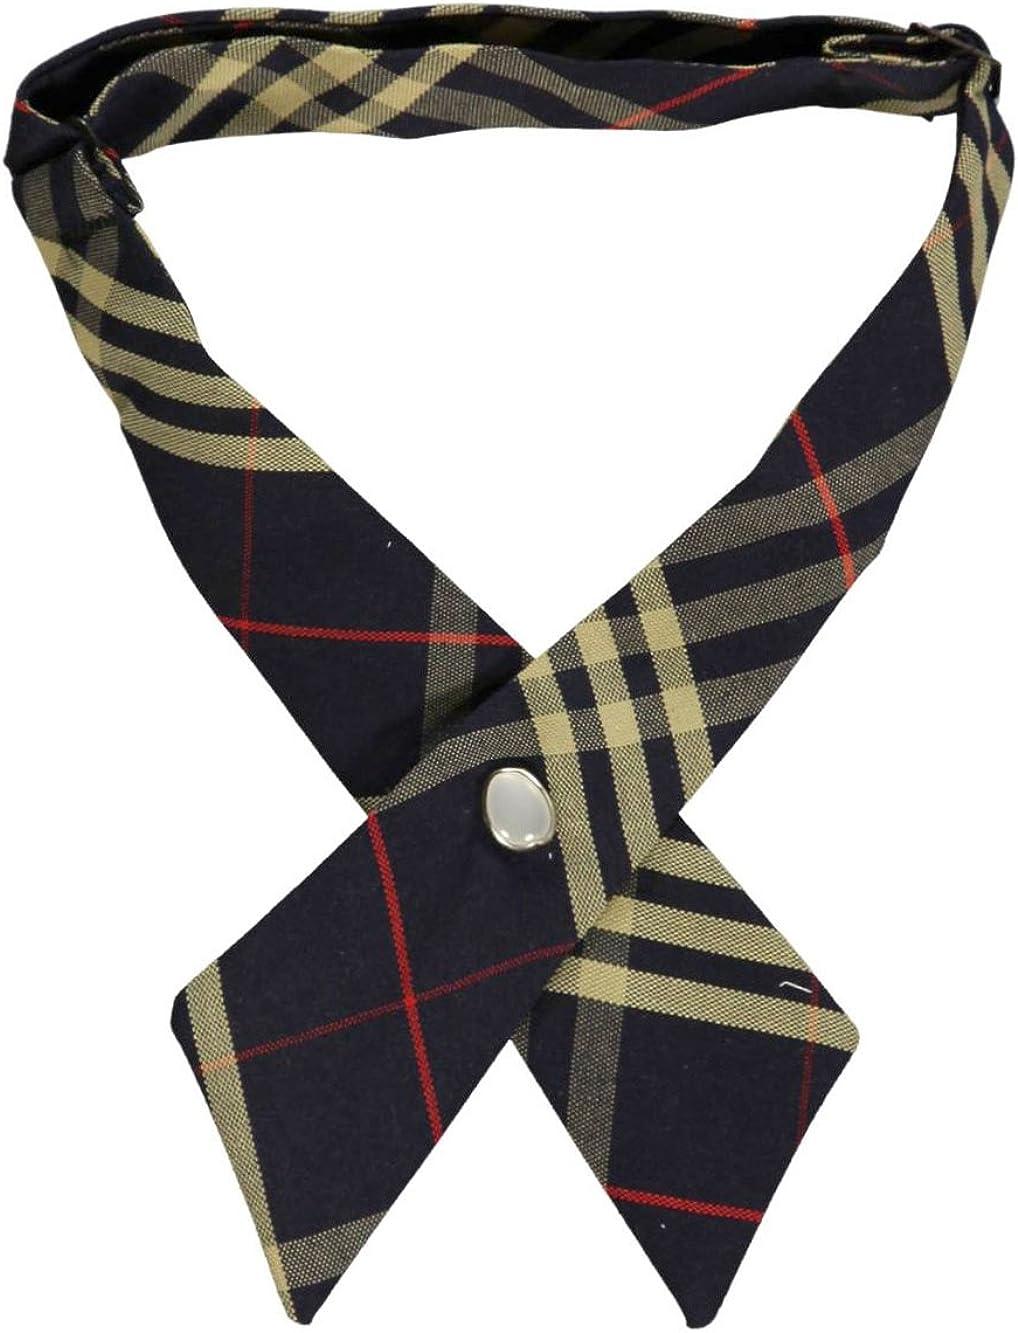 Cookies Brand Crisscross Neck Tie